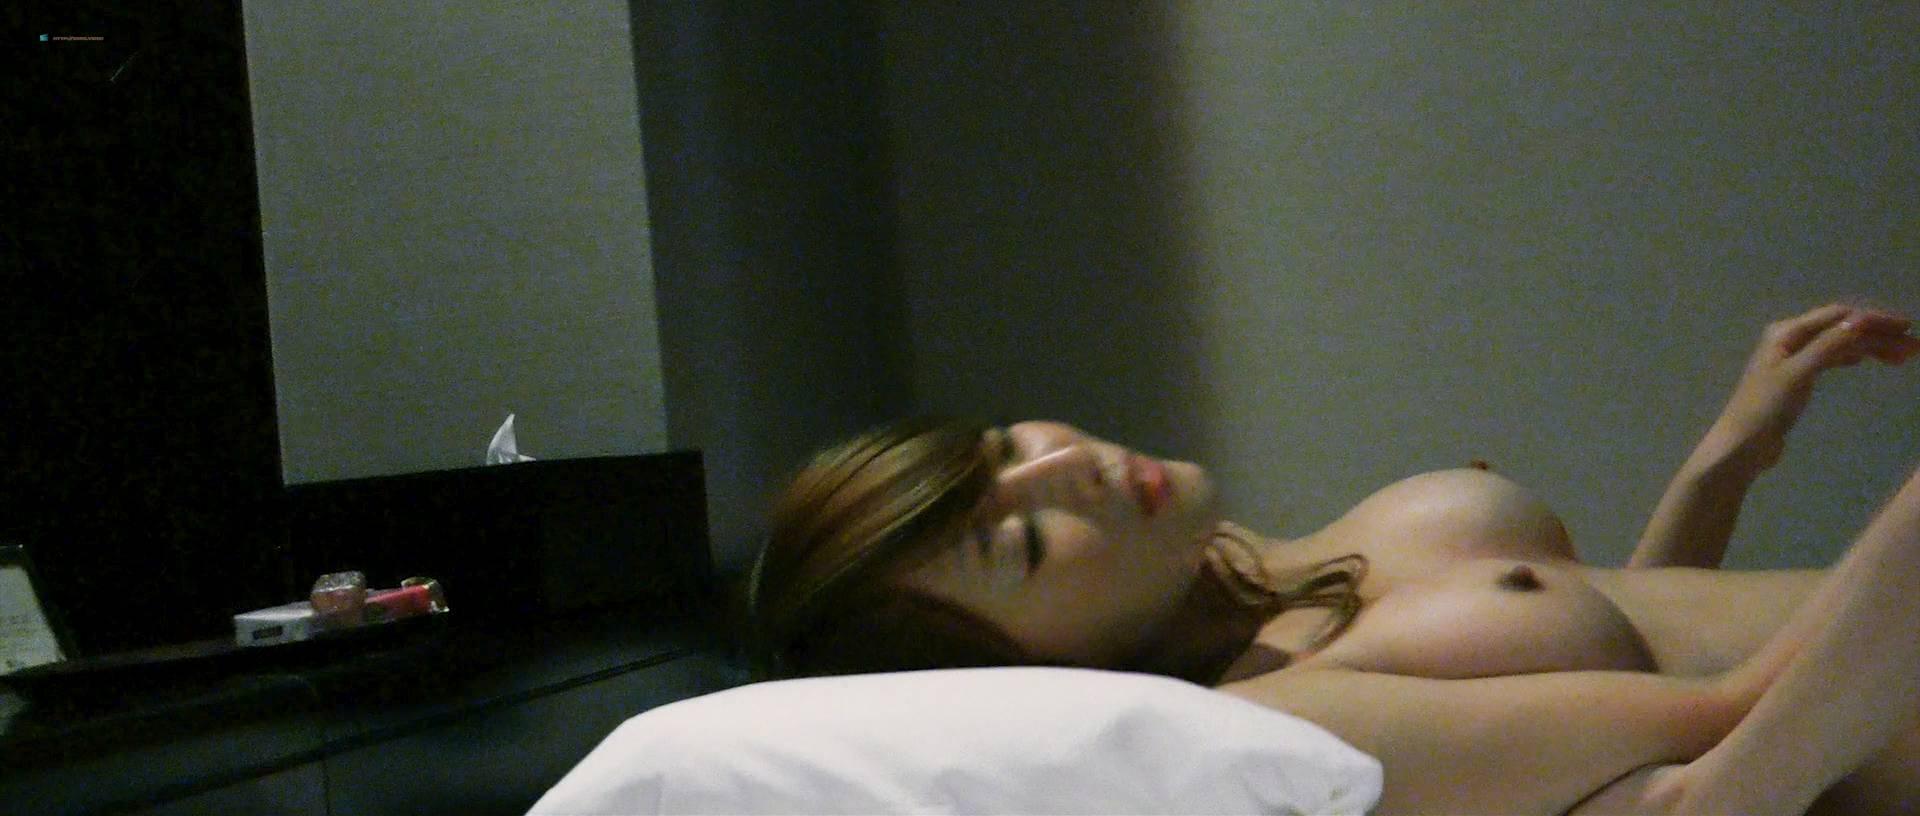 Misaki Morino nude Mitsue Wakamatsu and Natsuko Kimura nude sex, lesbian - Atashira (JP-2017) HD 1080p BluRay (13)